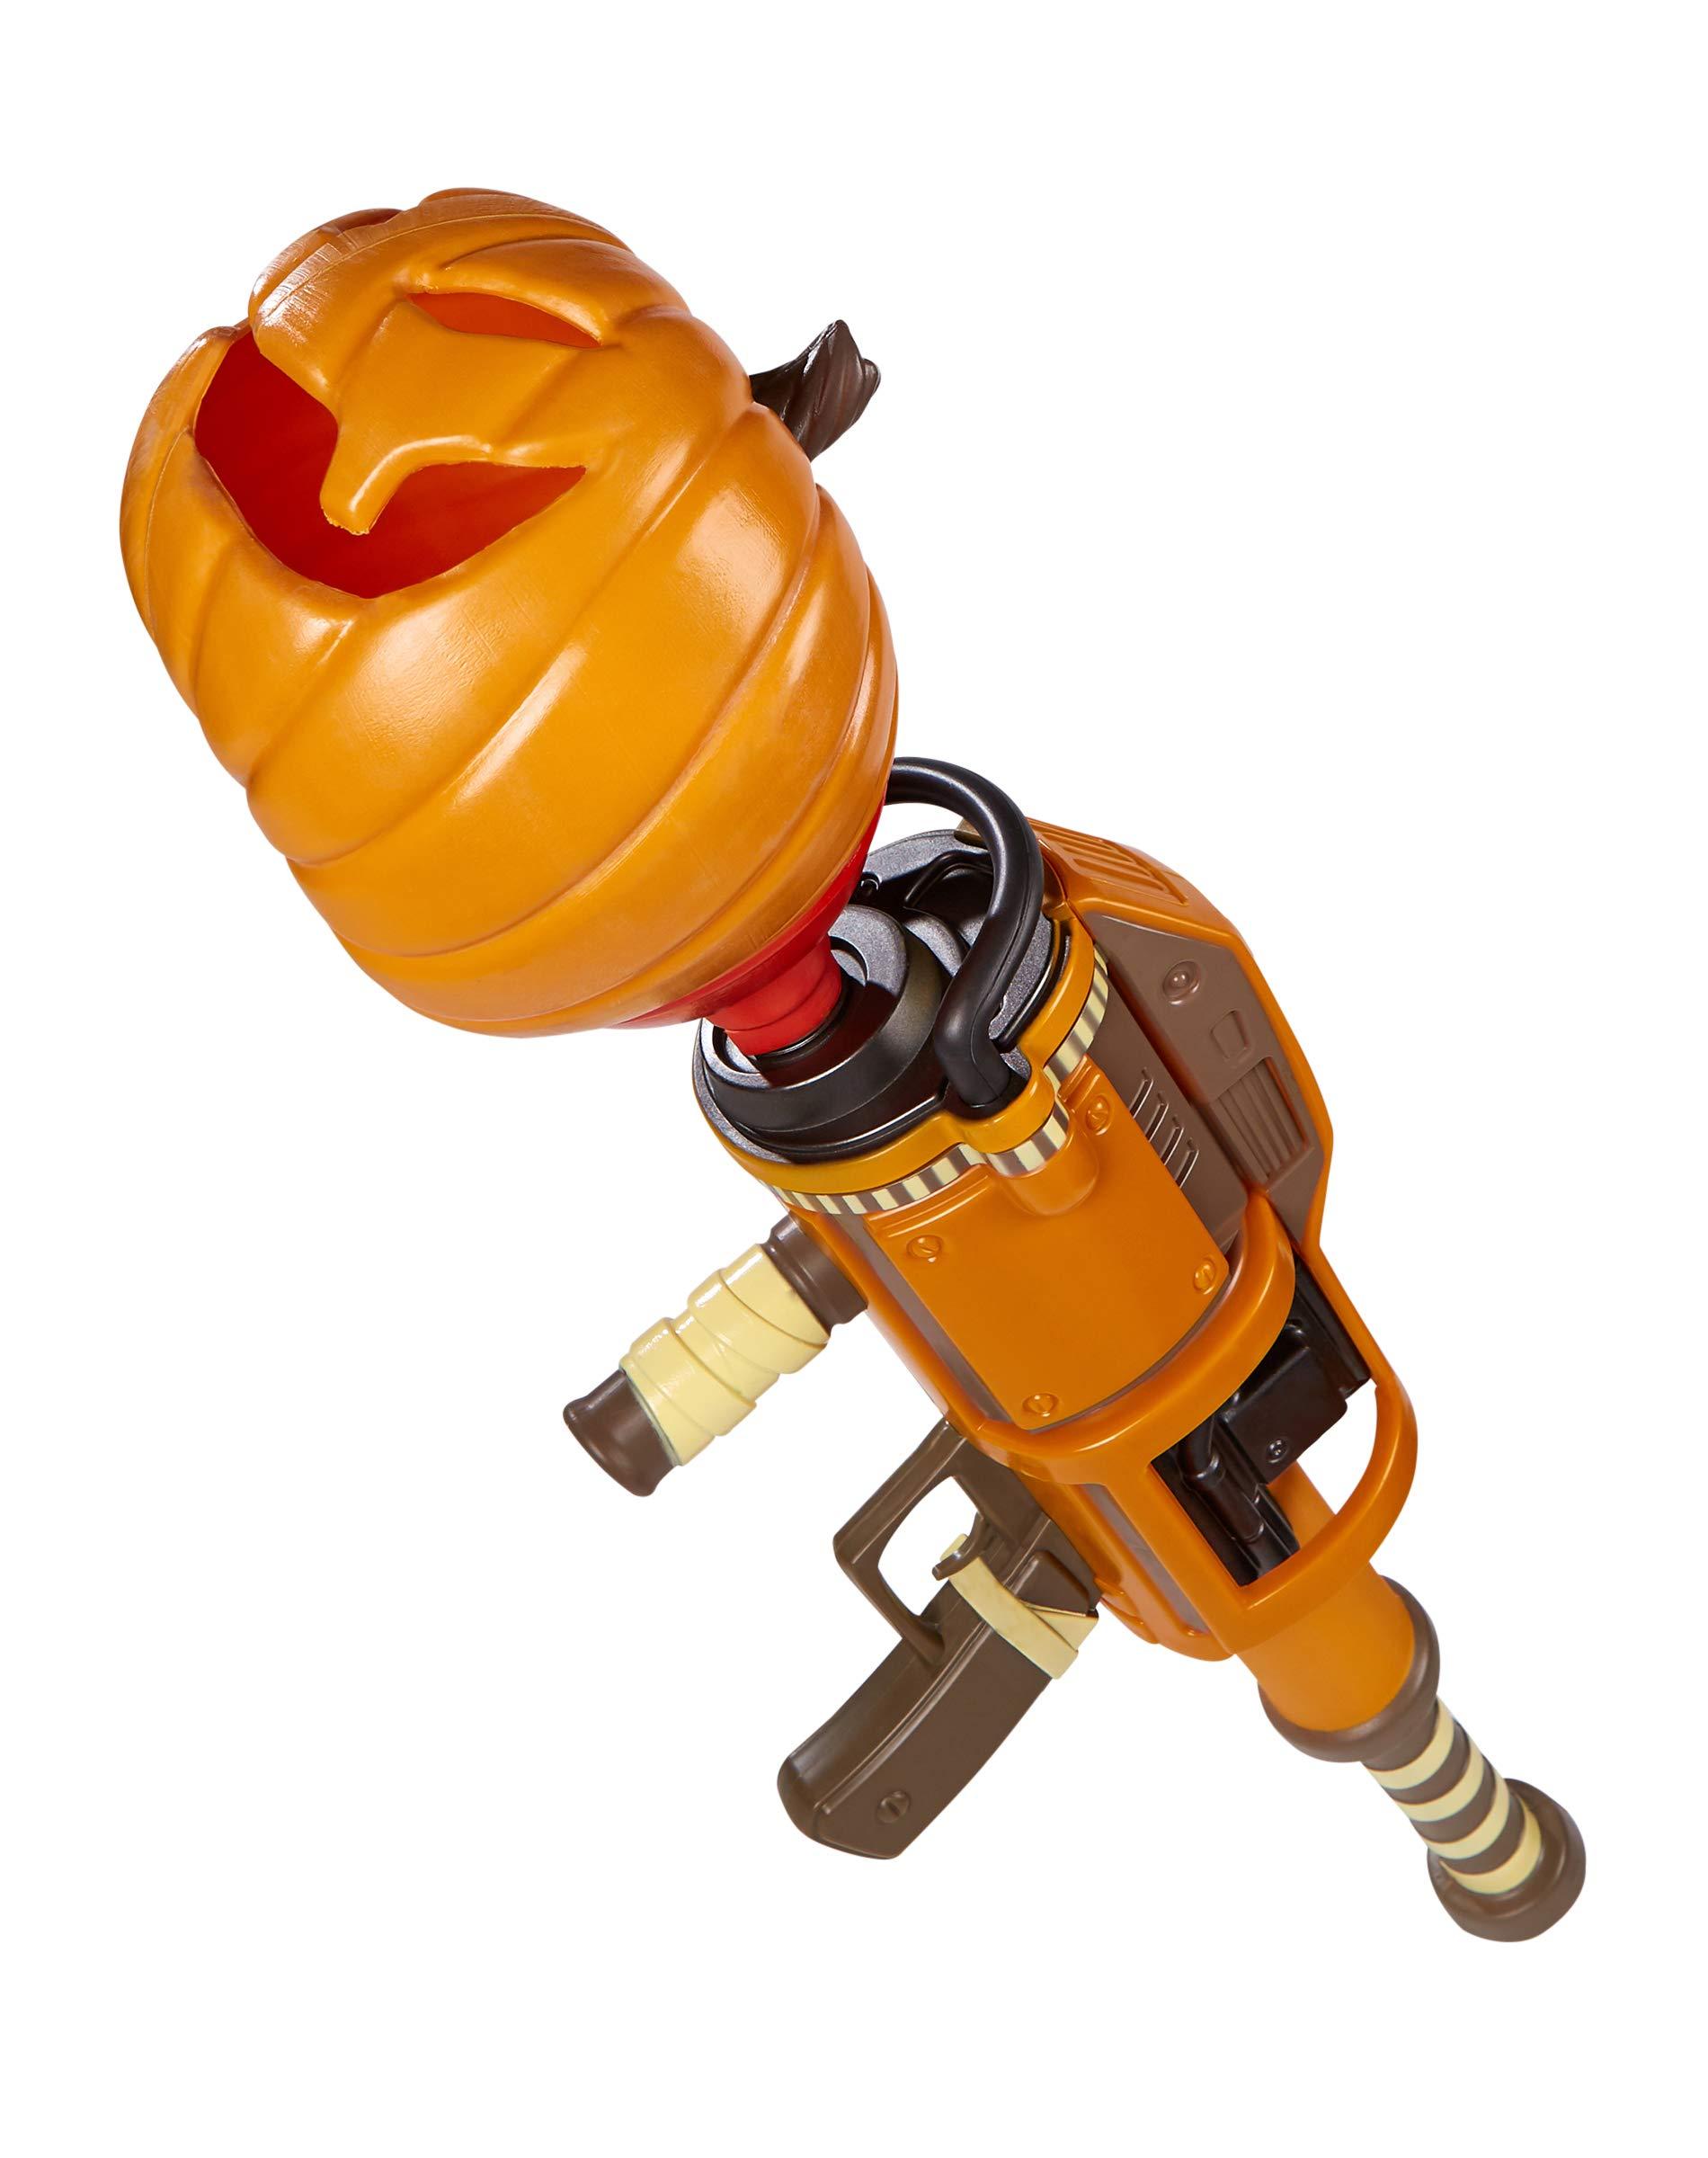 Spirit-Halloween-Fortnite-Light-Up-Pumpkin-Launcher-with-Sound